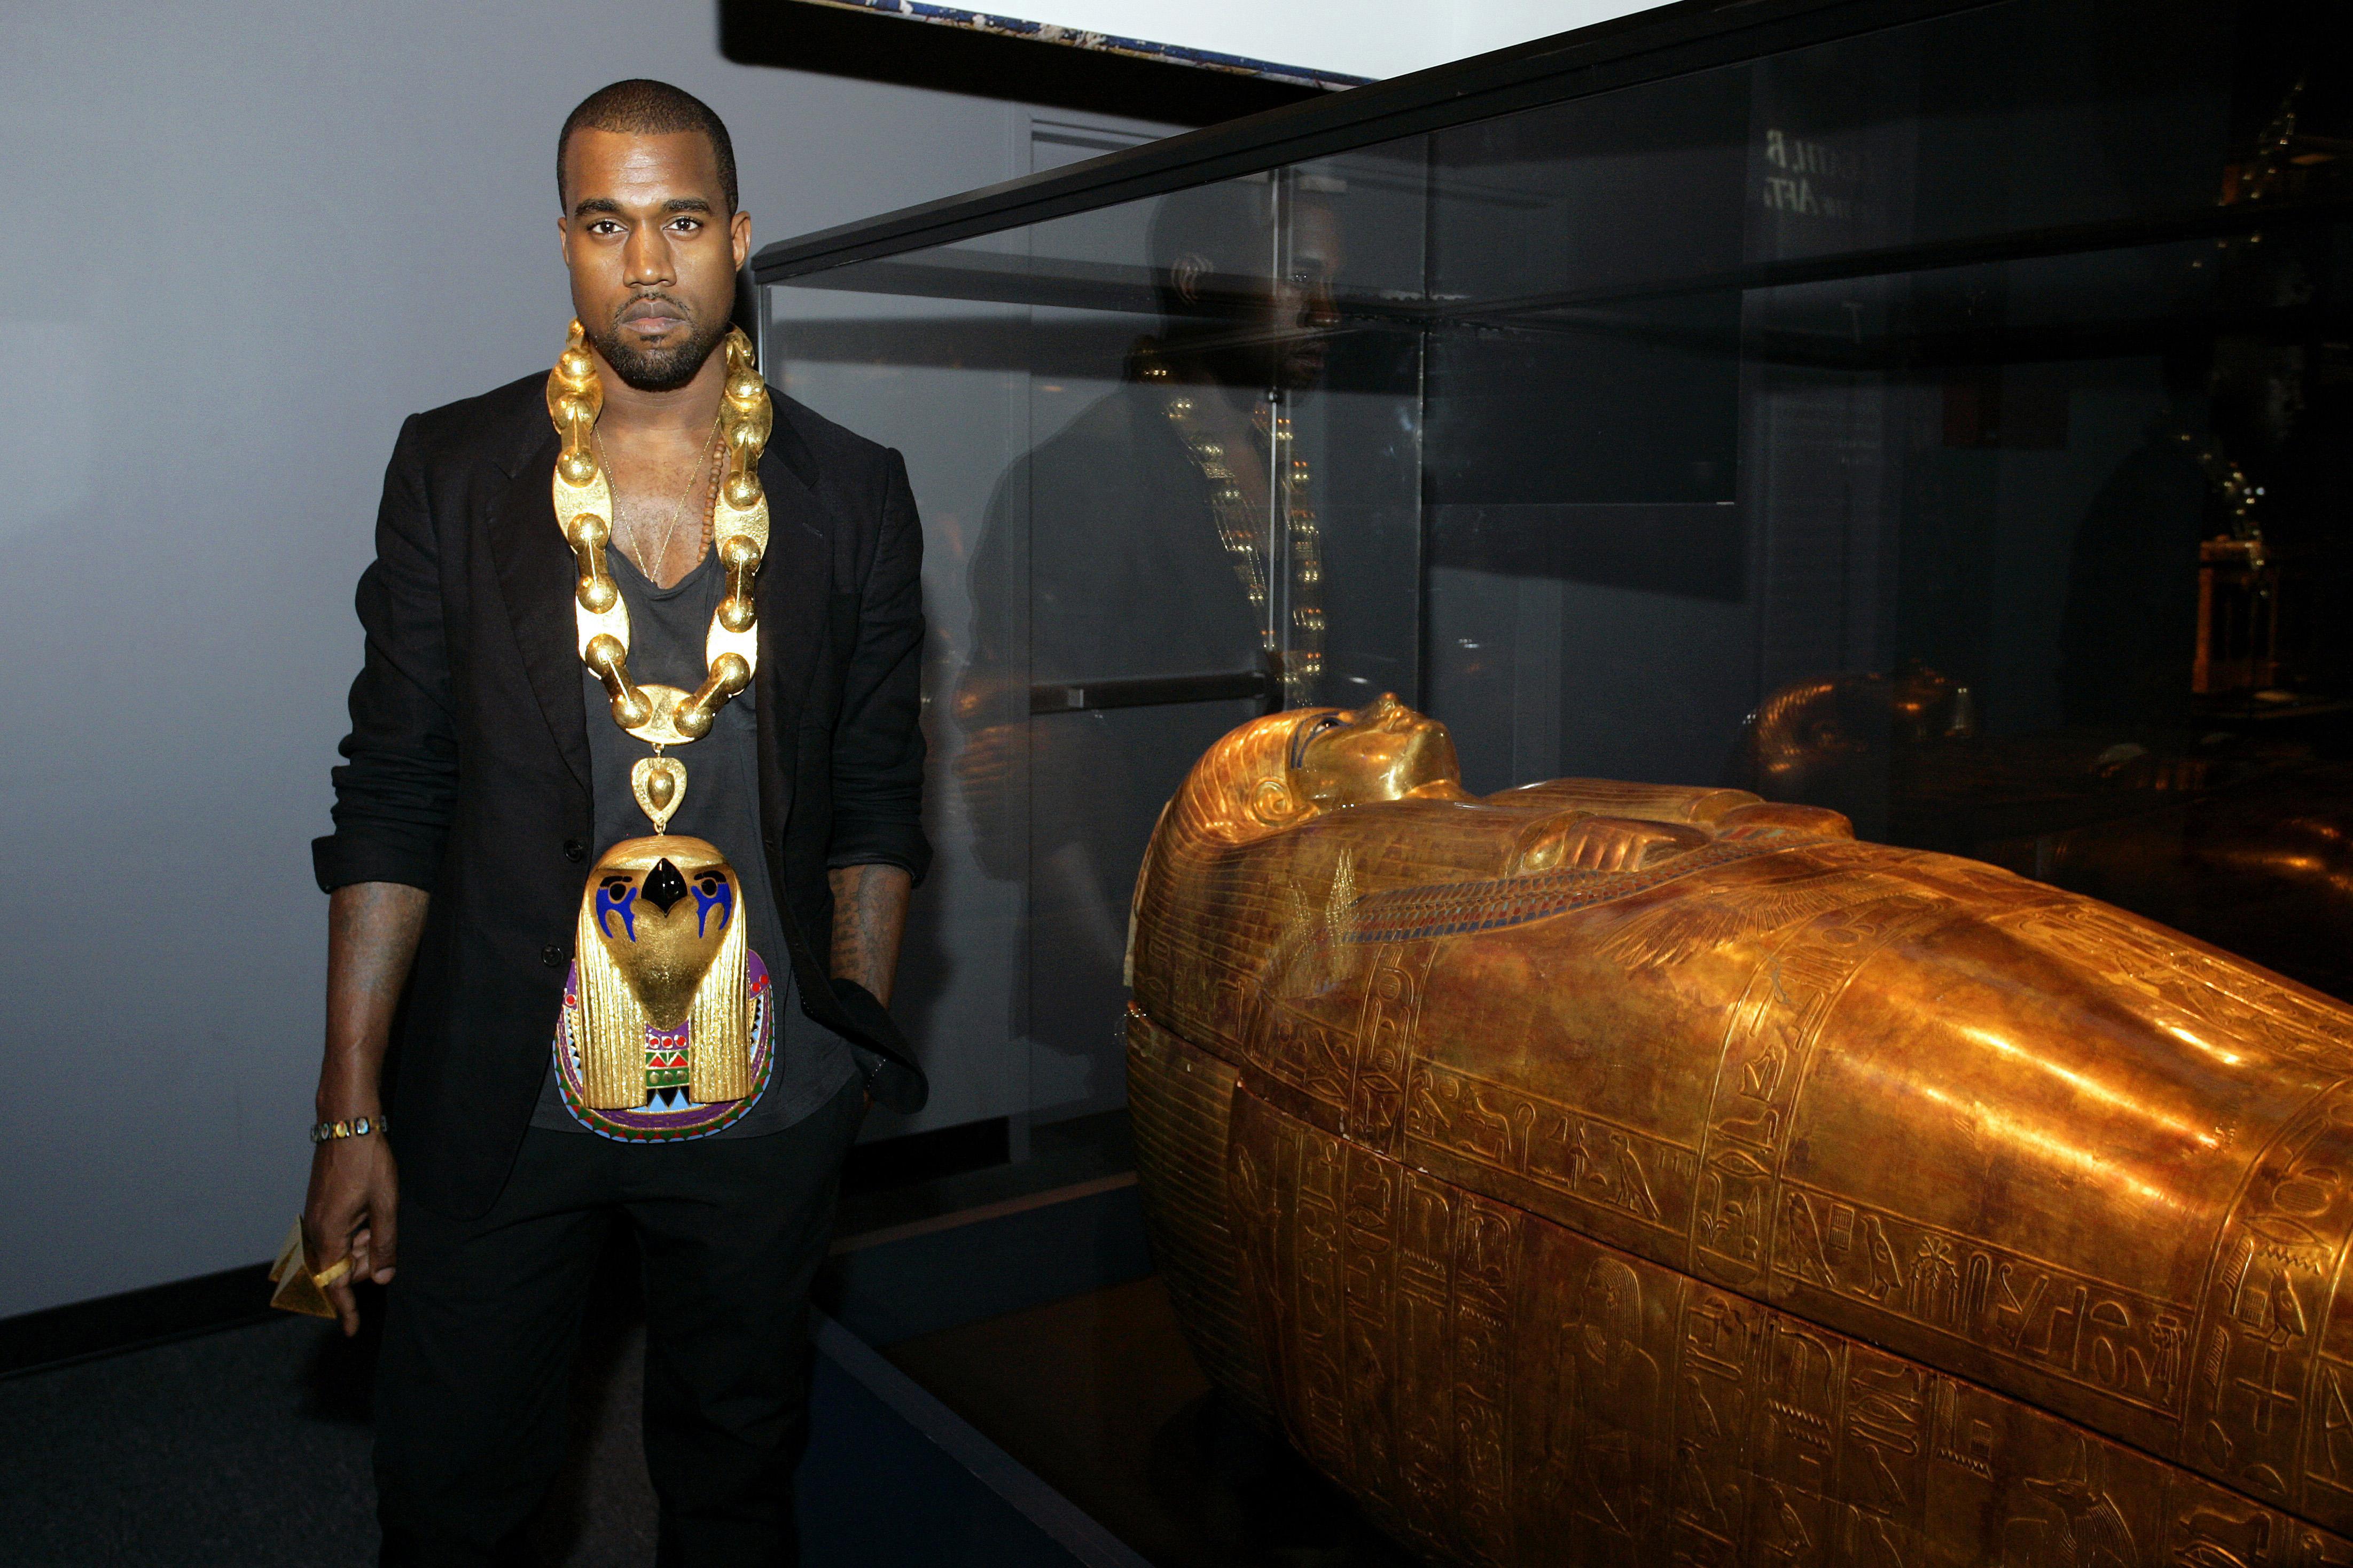 Photo Flash: Kanye Wes... Kanye West Palm Beach